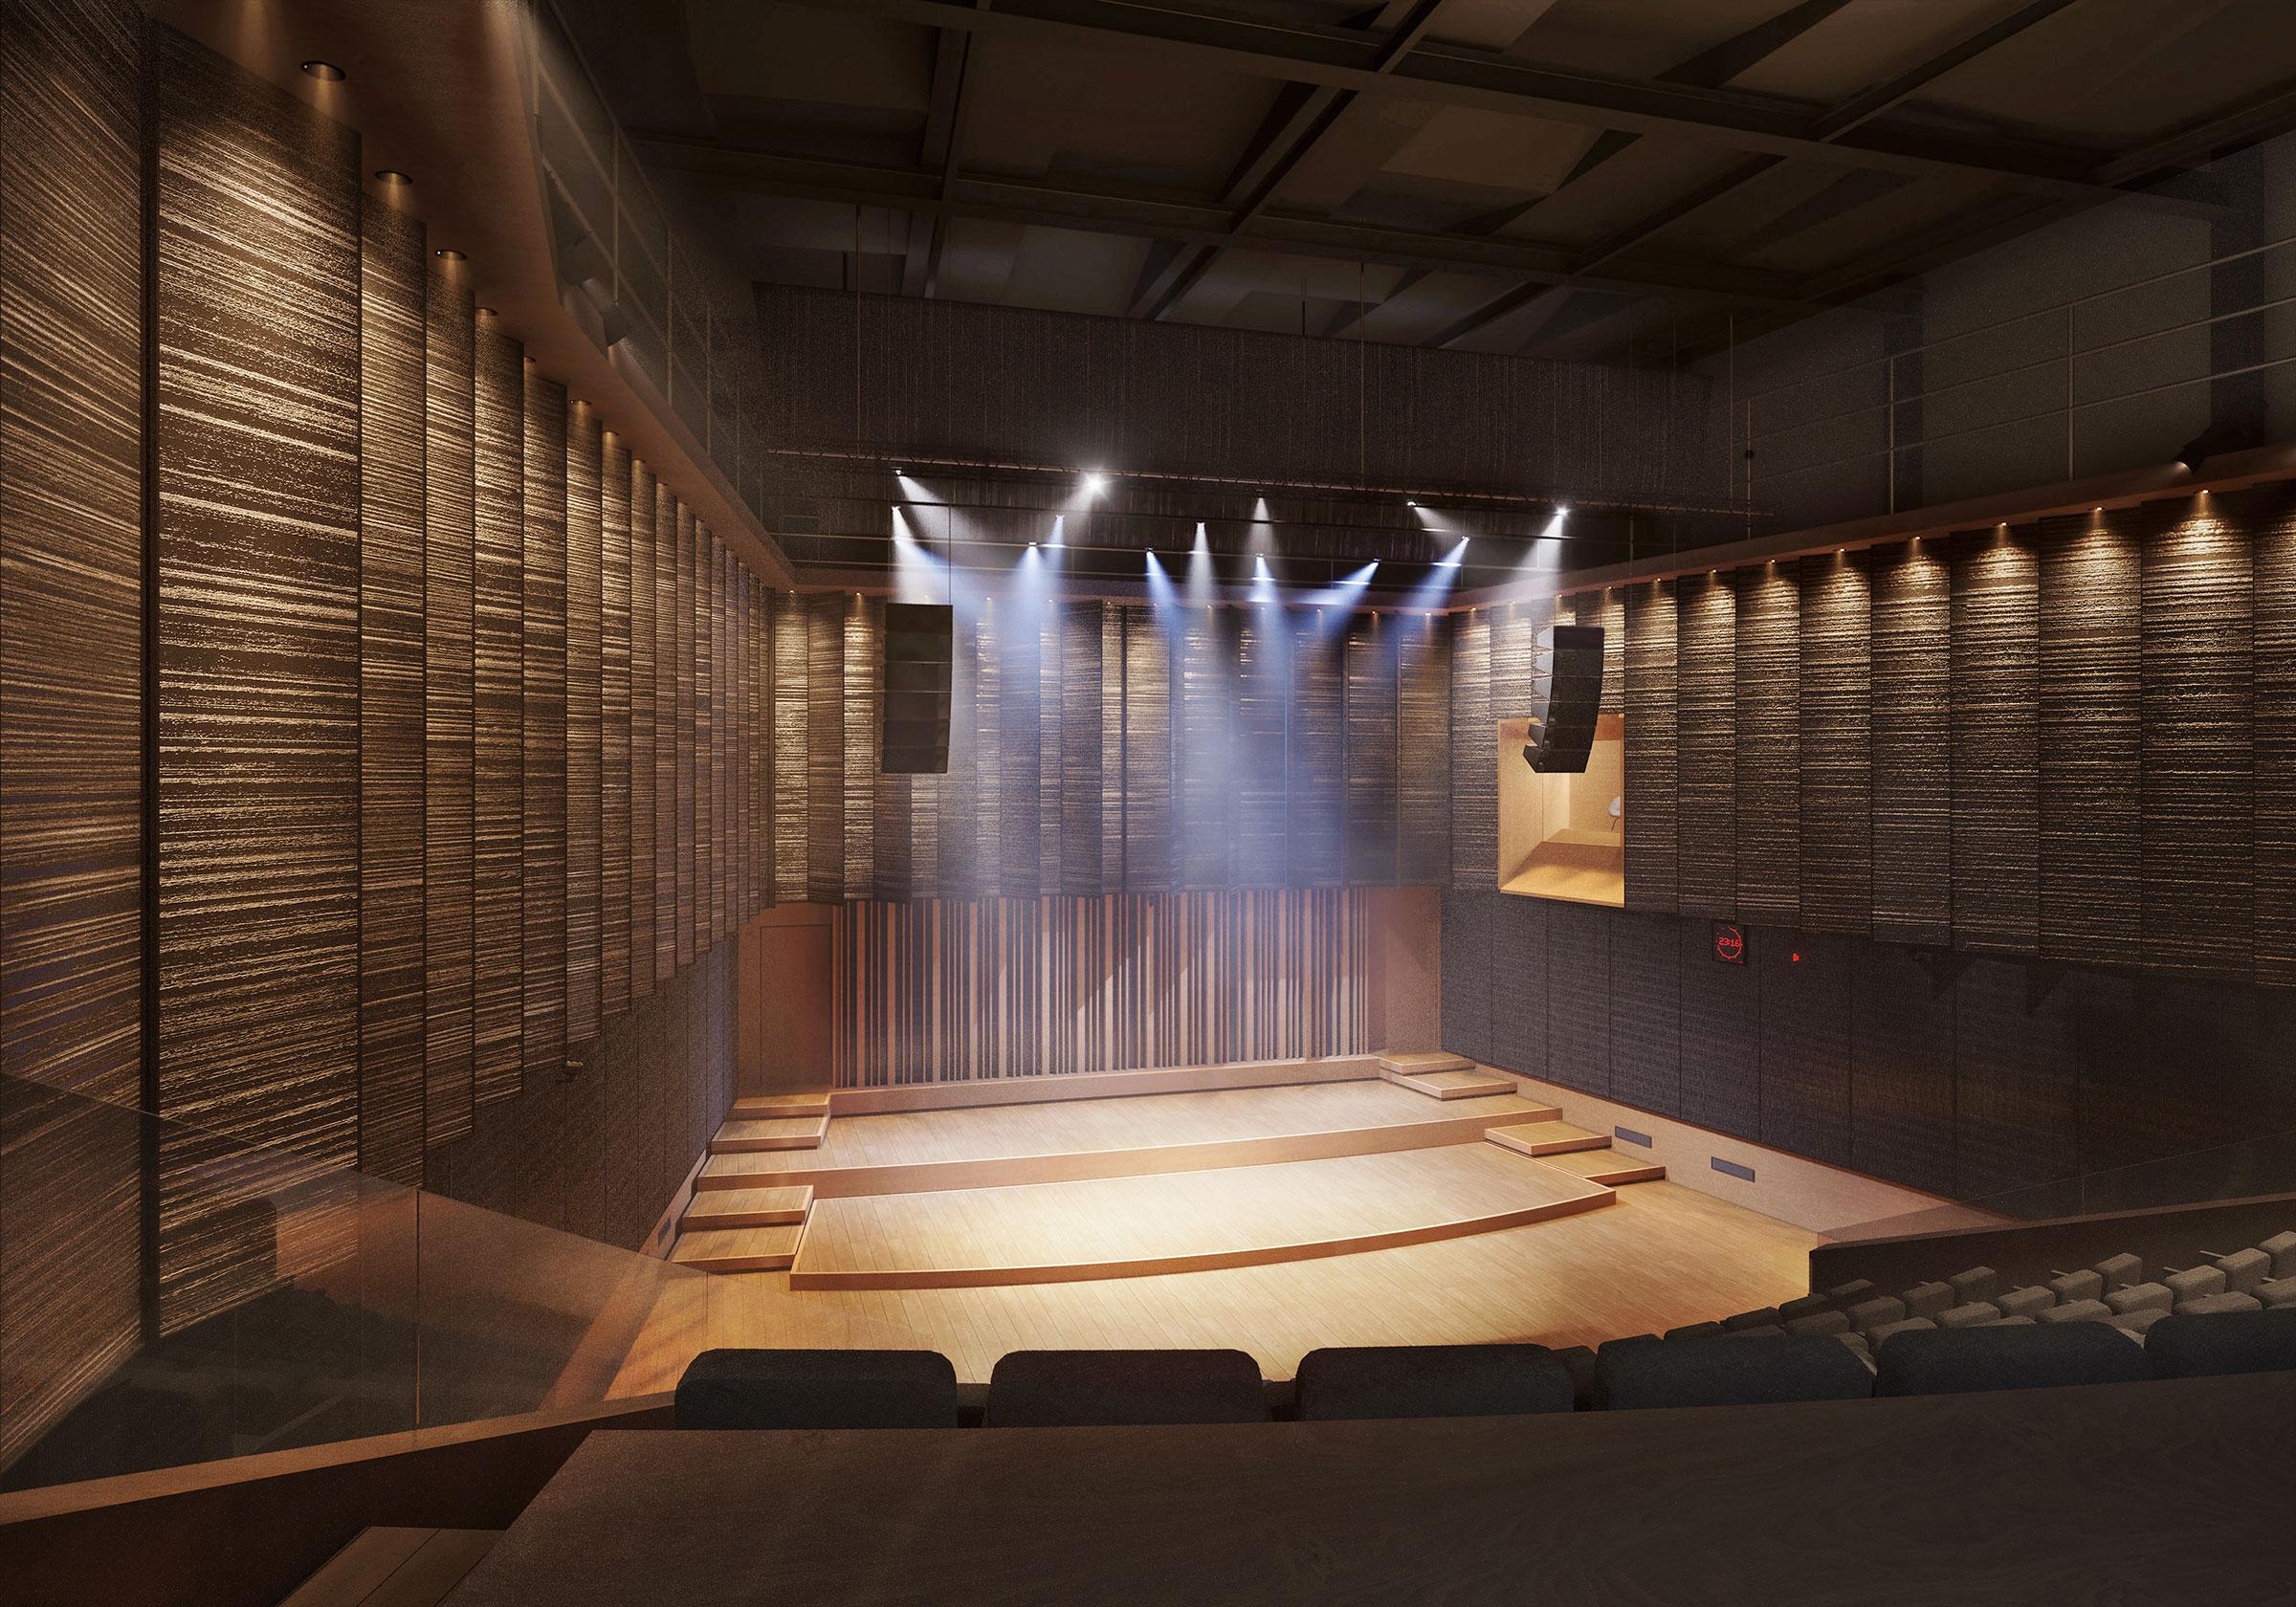 Perspective du studio 106 réalisée par LEMON SARL sur la base de l'avant-projet.<br />Parce que le studio 106 sera doté d'une acoustique variable, il pourra accueillir aussi bien des concerts de musique classique que des concerts de variétés. <br />© ALEXANDRE NOSSOVSKI (MMXI) / WSP / RADIO FRANCE